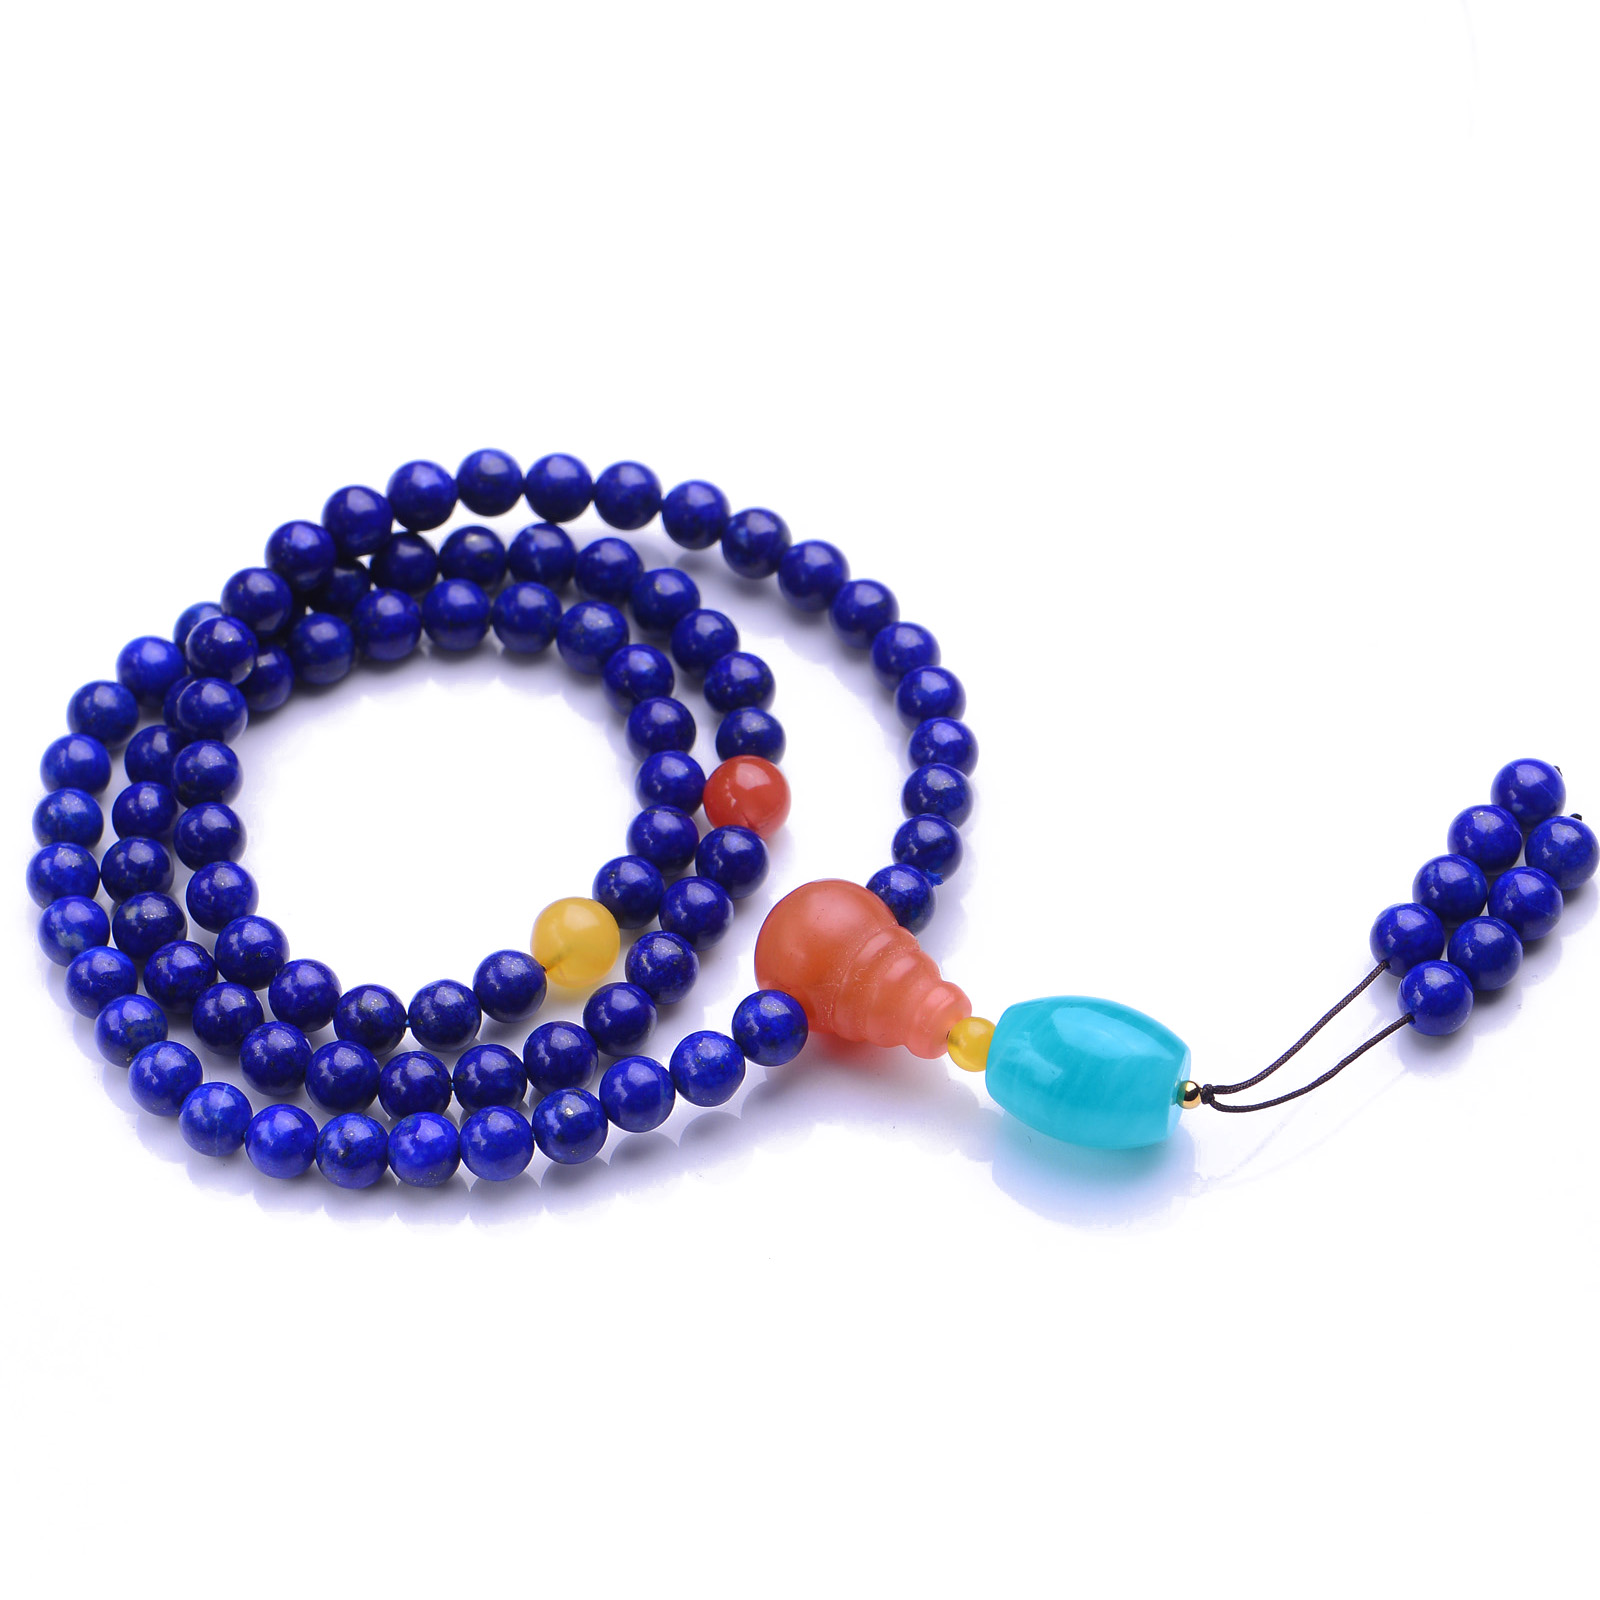 Здесь продается  Handmade Authentic Lapis Lazuli Bracelets 6mm  Ювелирные изделия и часы